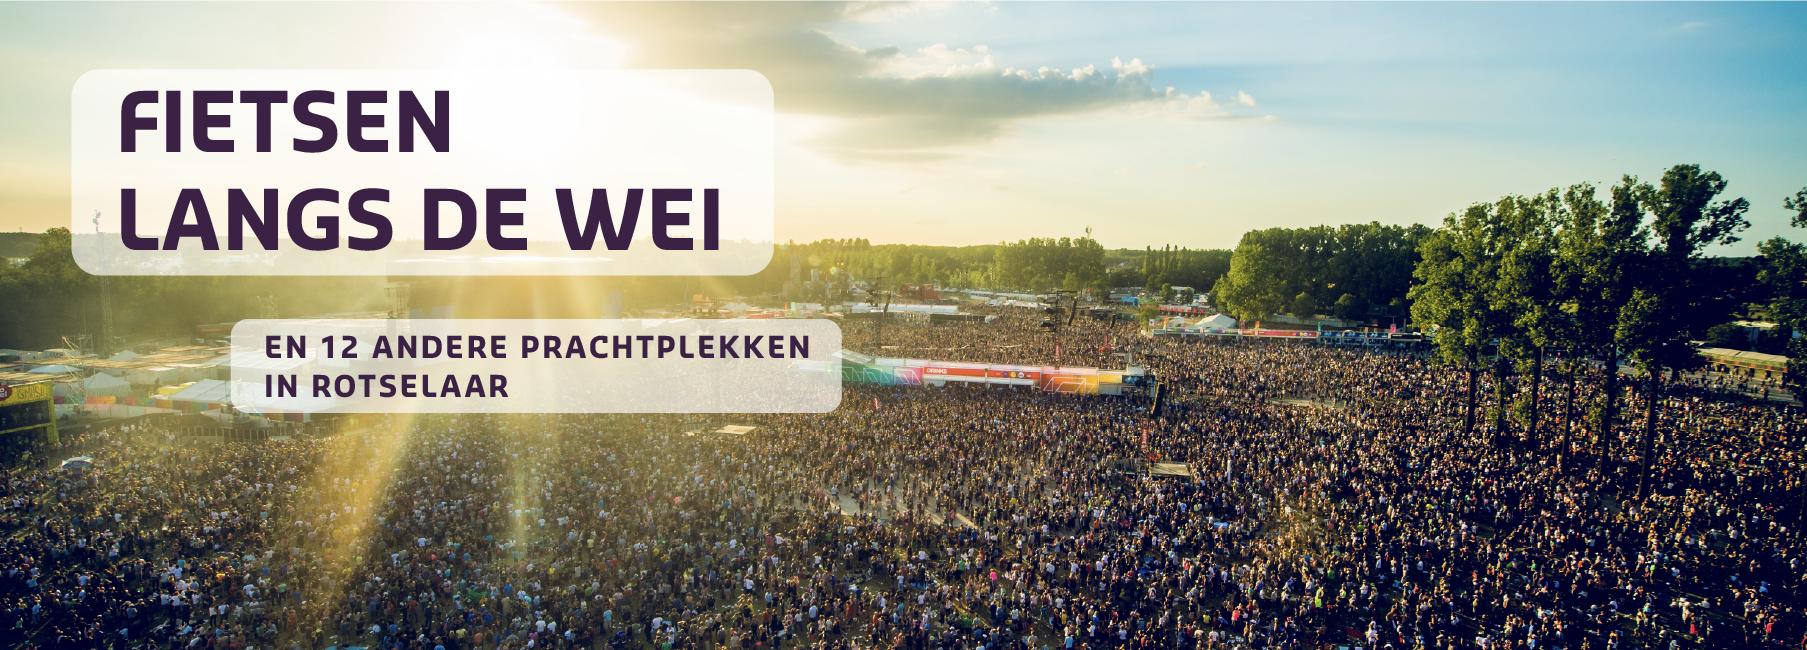 Affiche met titel Fietsen langs de wei met op de achtergrond de festivalweide van Rock Werchter